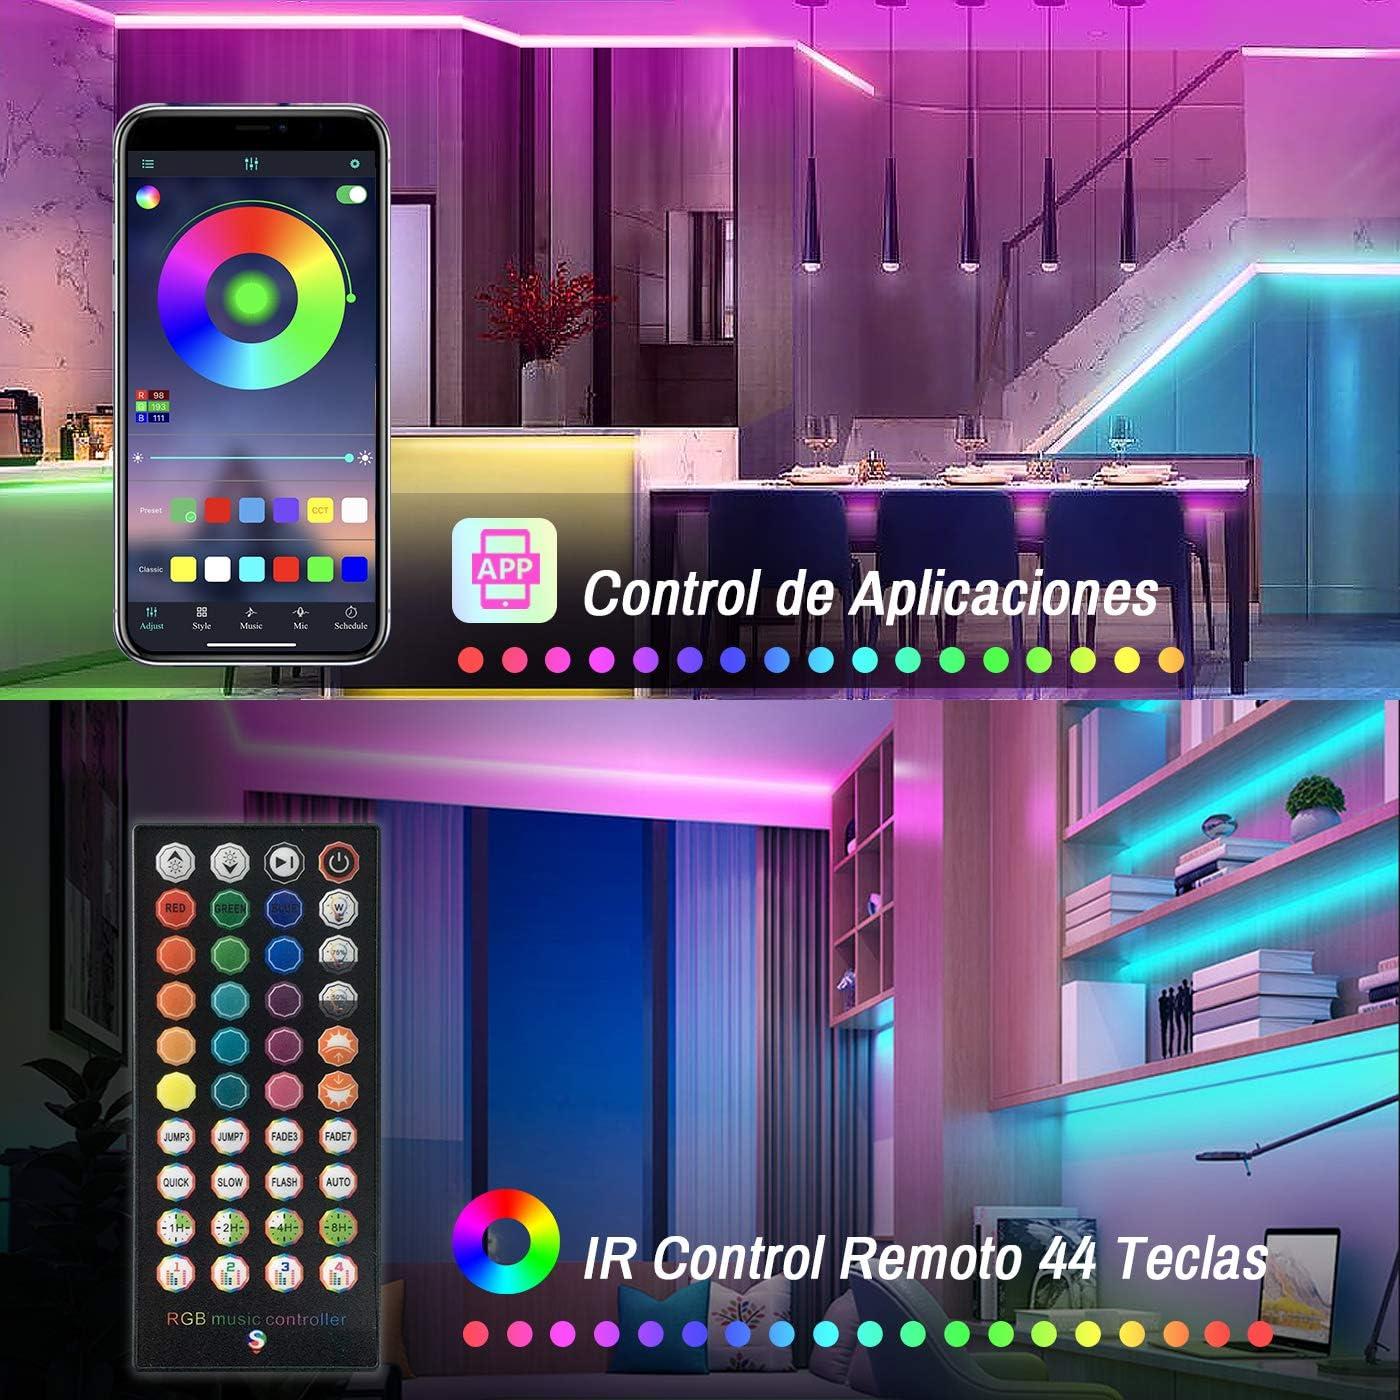 ERAY Tiras LED Bluetooth 15M Bares Ideal para Decoraci/ón de Techo Habitaci/ón Luces LED RGB 5050 450LEDs// Control Remoto//Aplicaci/ón//Funci/ón de Corte//Modo de M/úsica//Temporizador Color Blanco